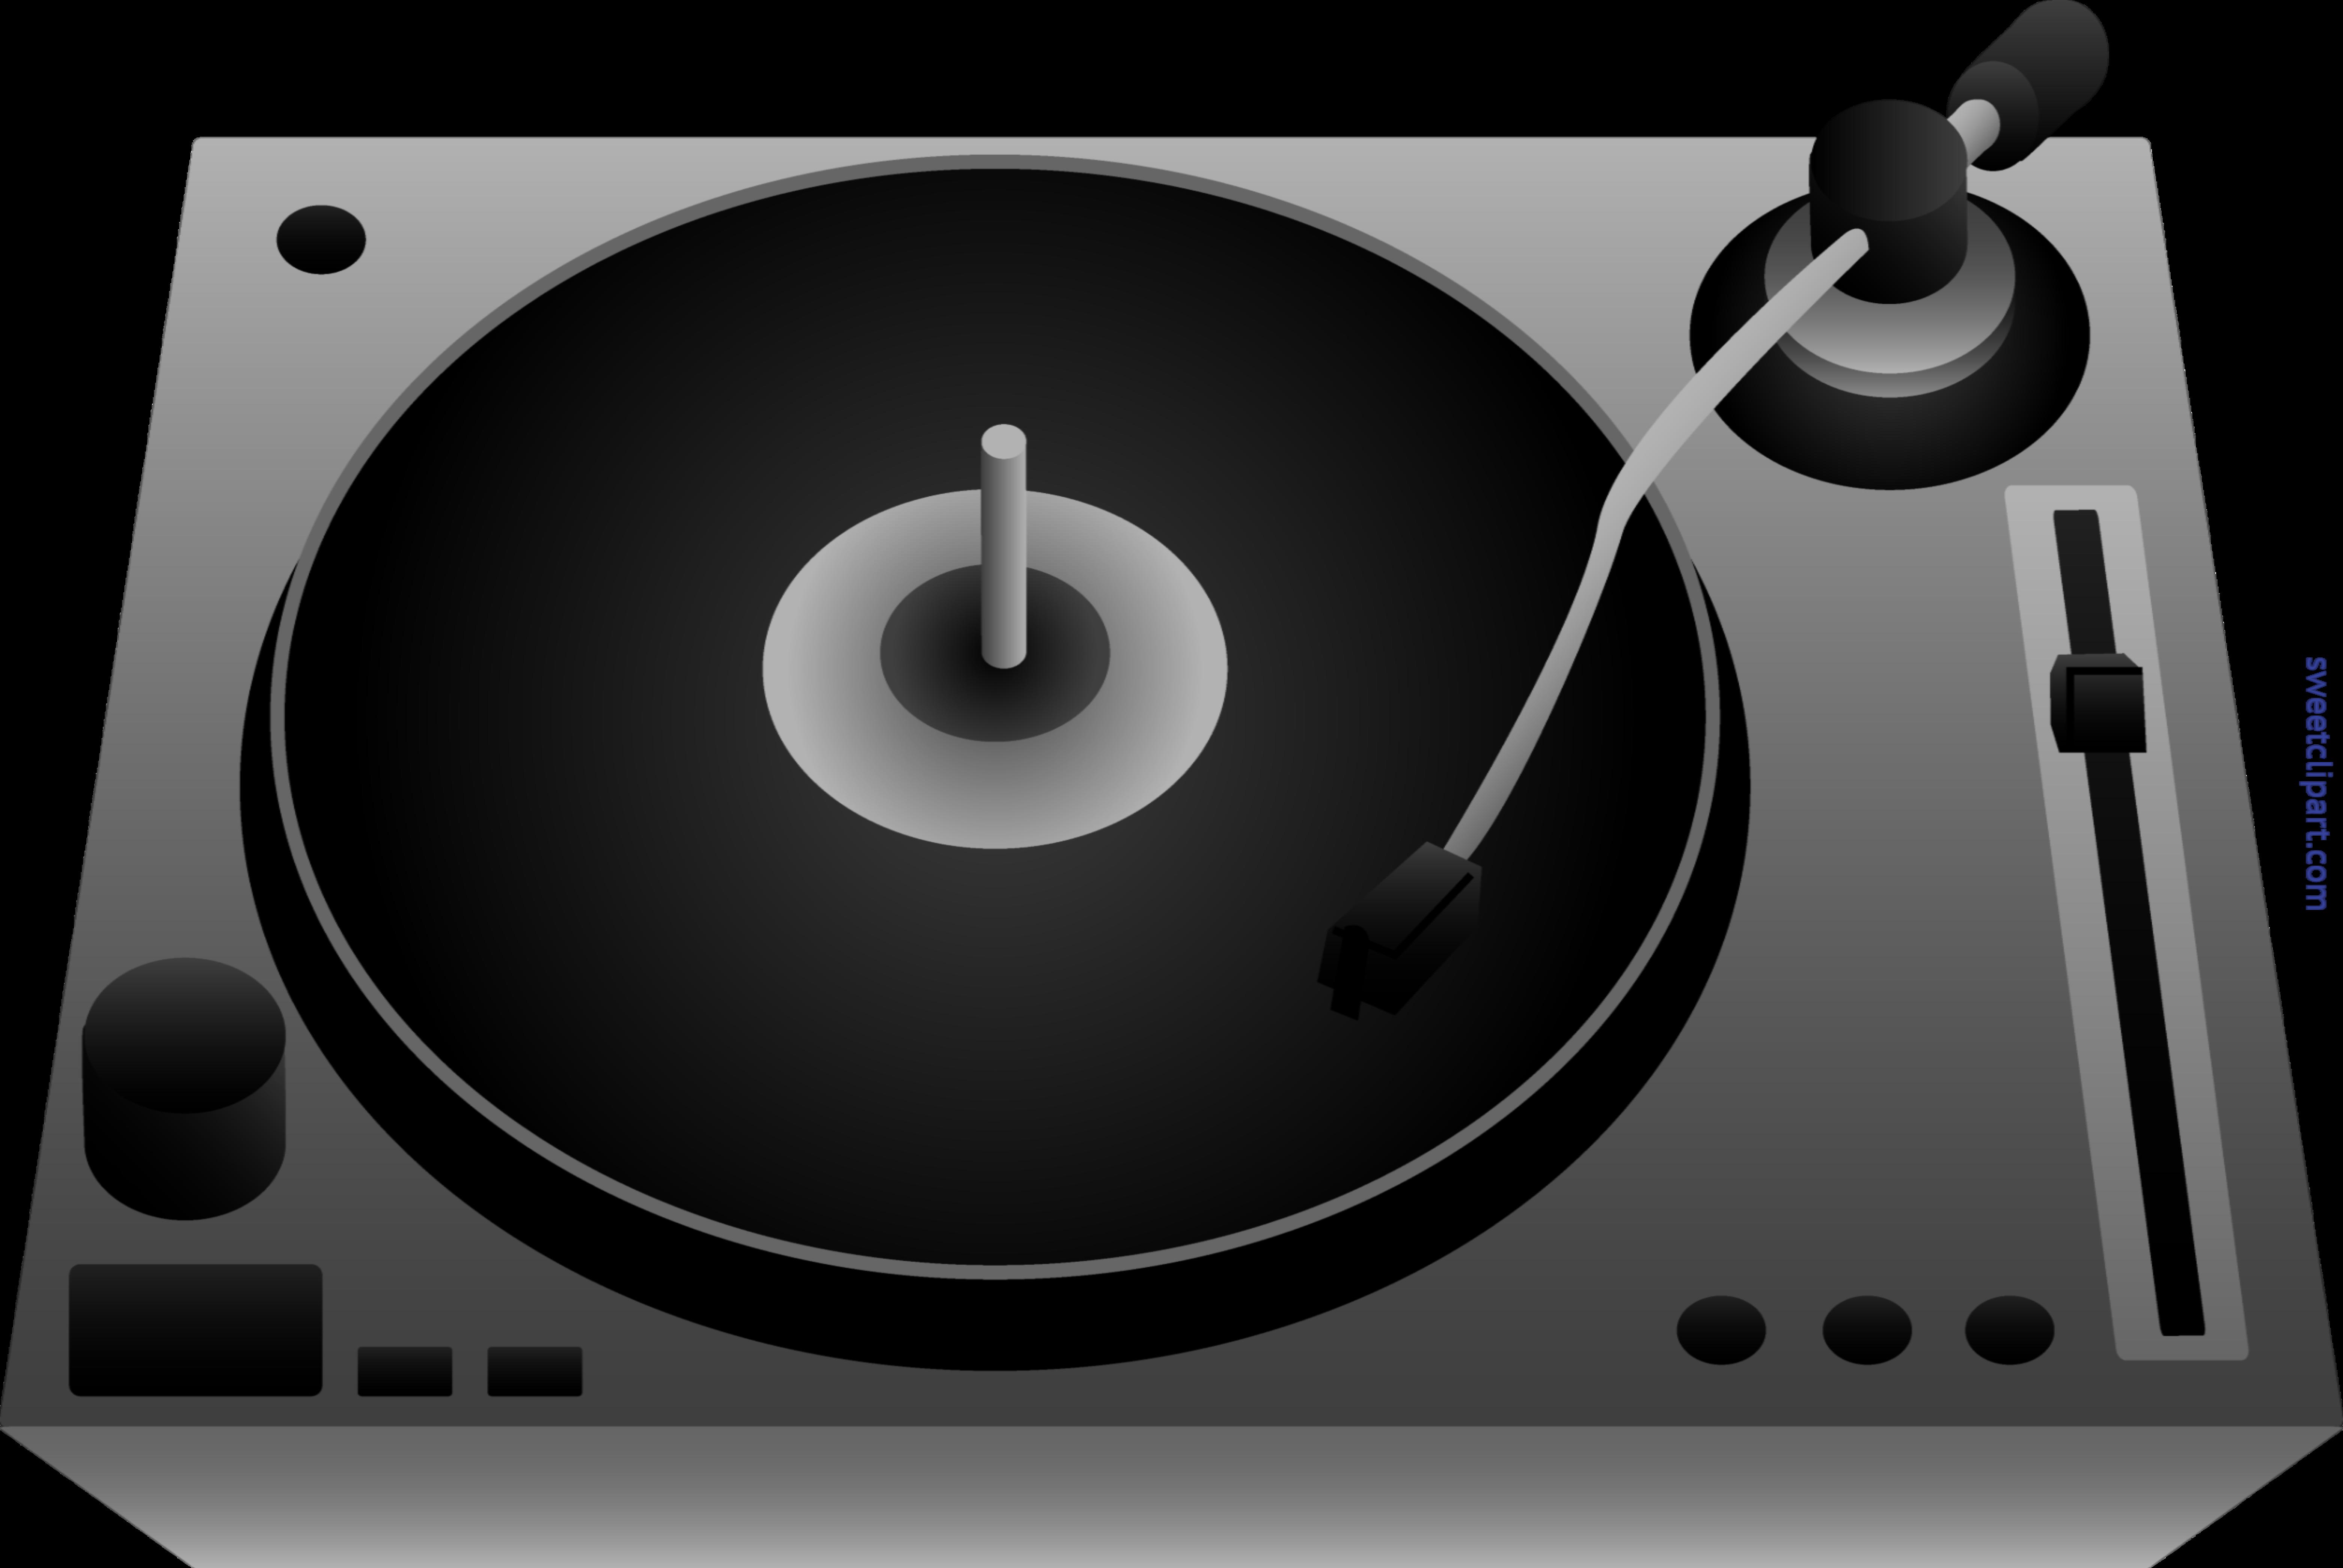 Dj clipart dj turntable. Black clip art sweet